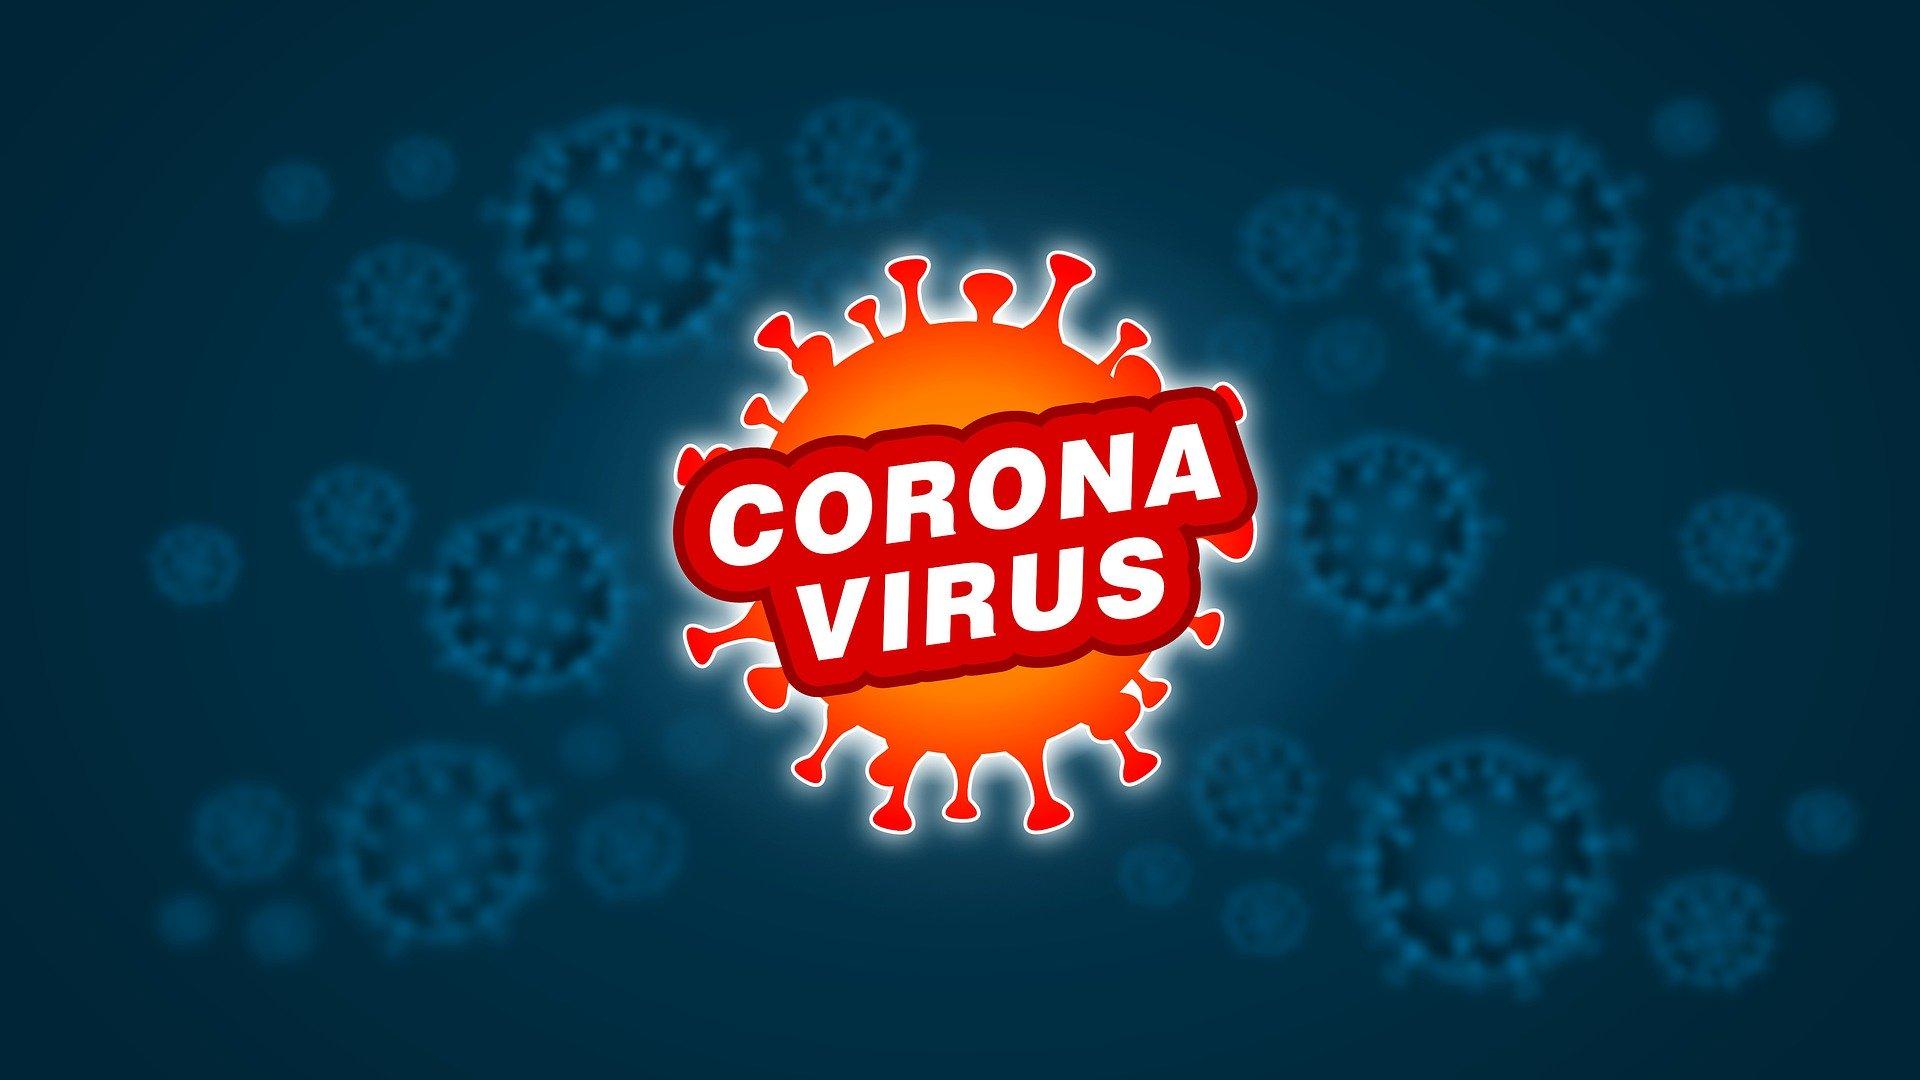 Corona Virus - Absage aller Veranstaltungen des Kulturkreises Meckenbeuren